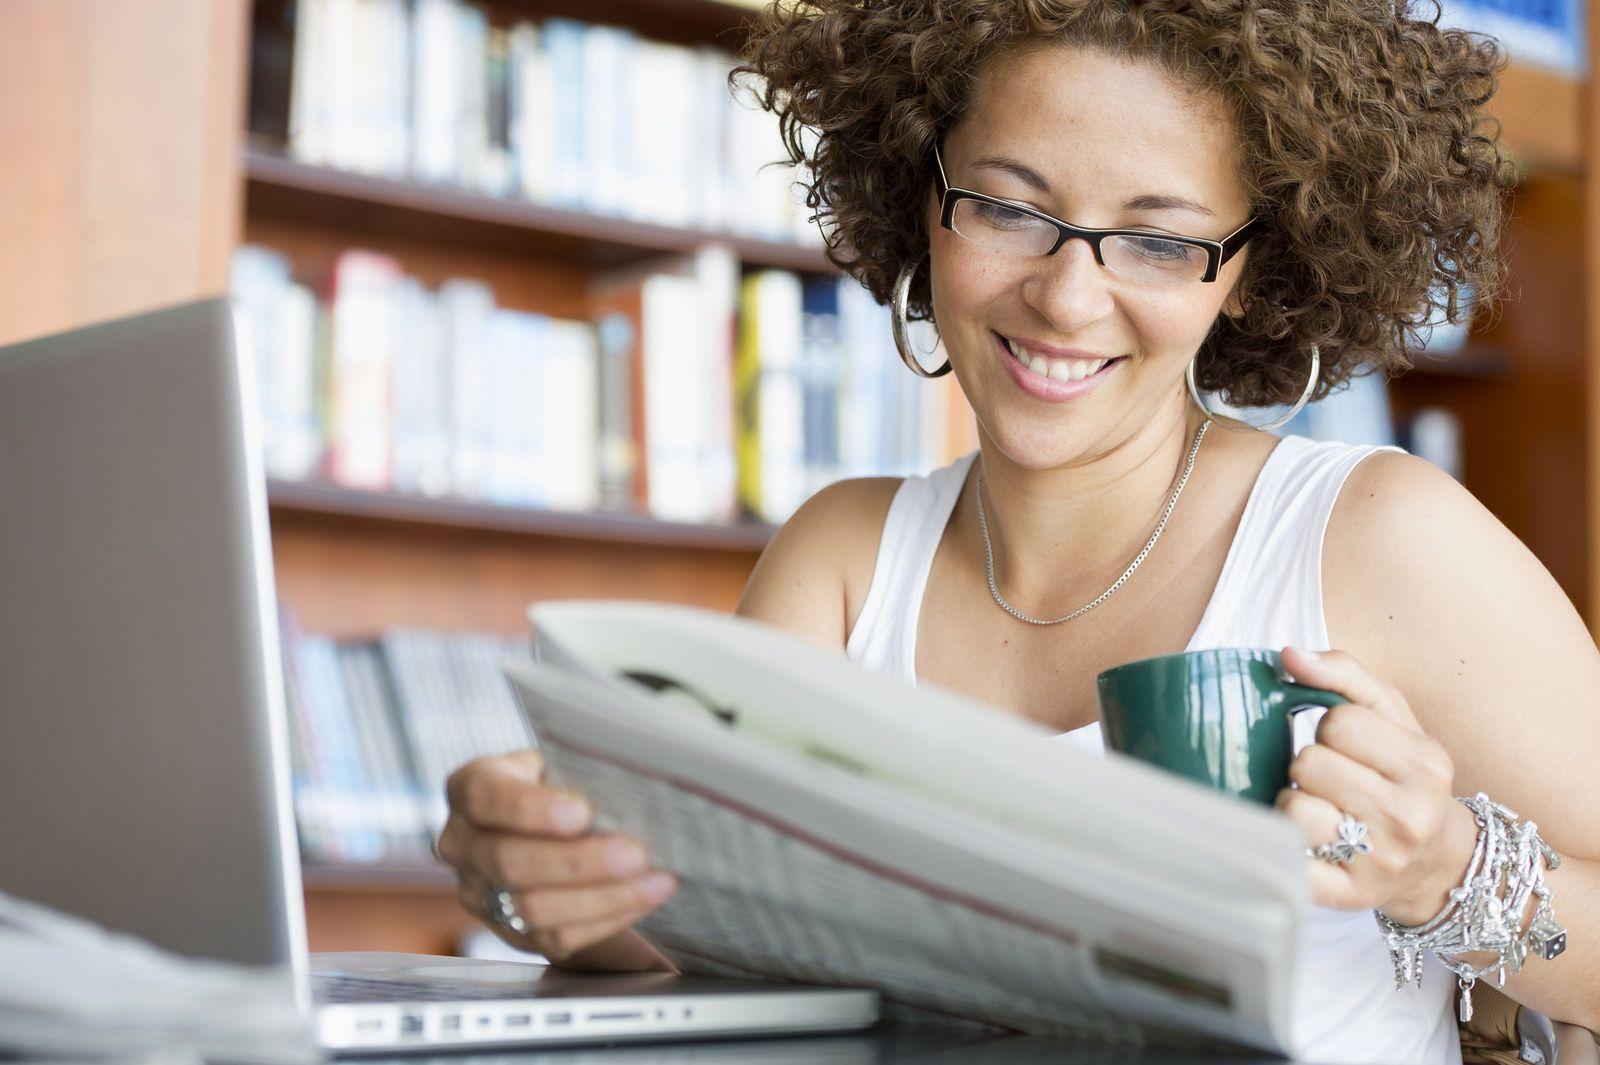 NICHT MEHR VERWENDEN! - Zeitung / Kaffee / Laptop / Frühstück